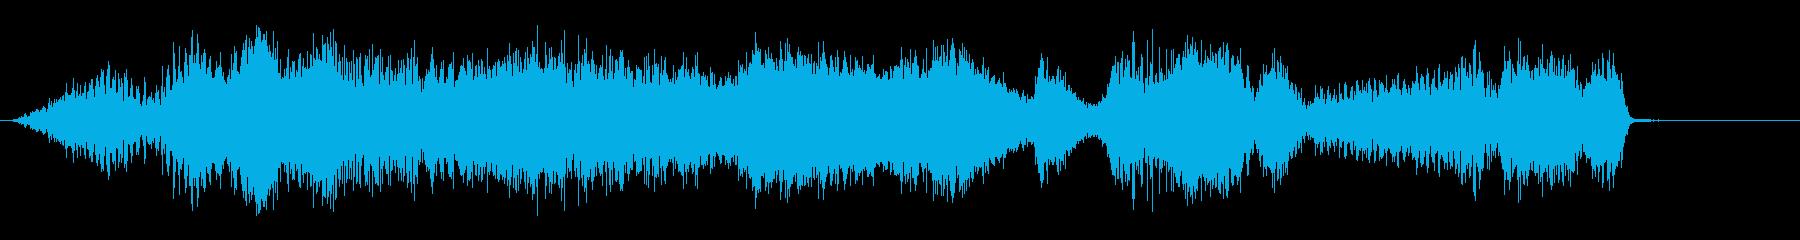 渦巻きの再生済みの波形